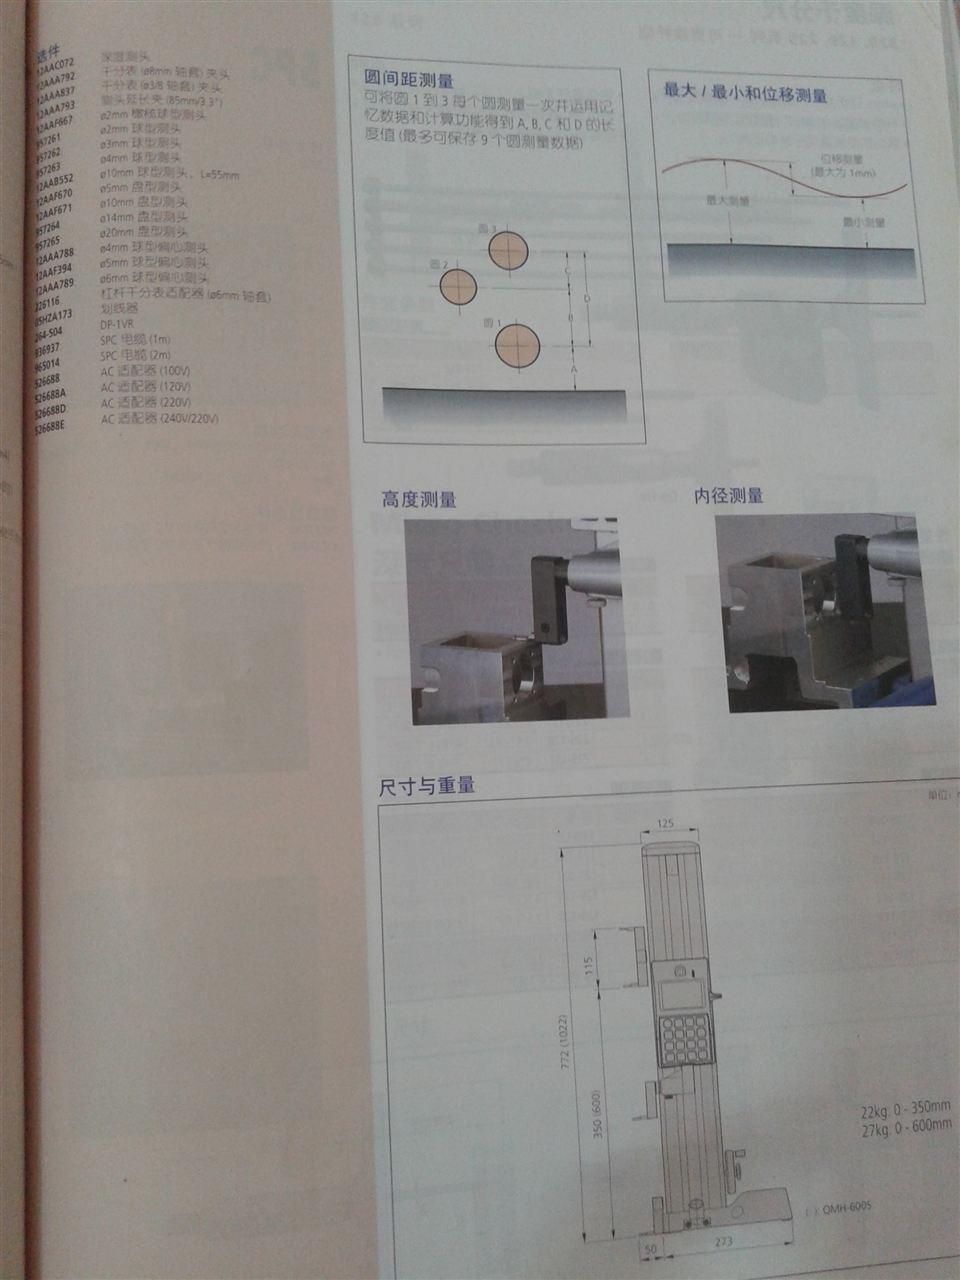 518-230 三丰高度仪